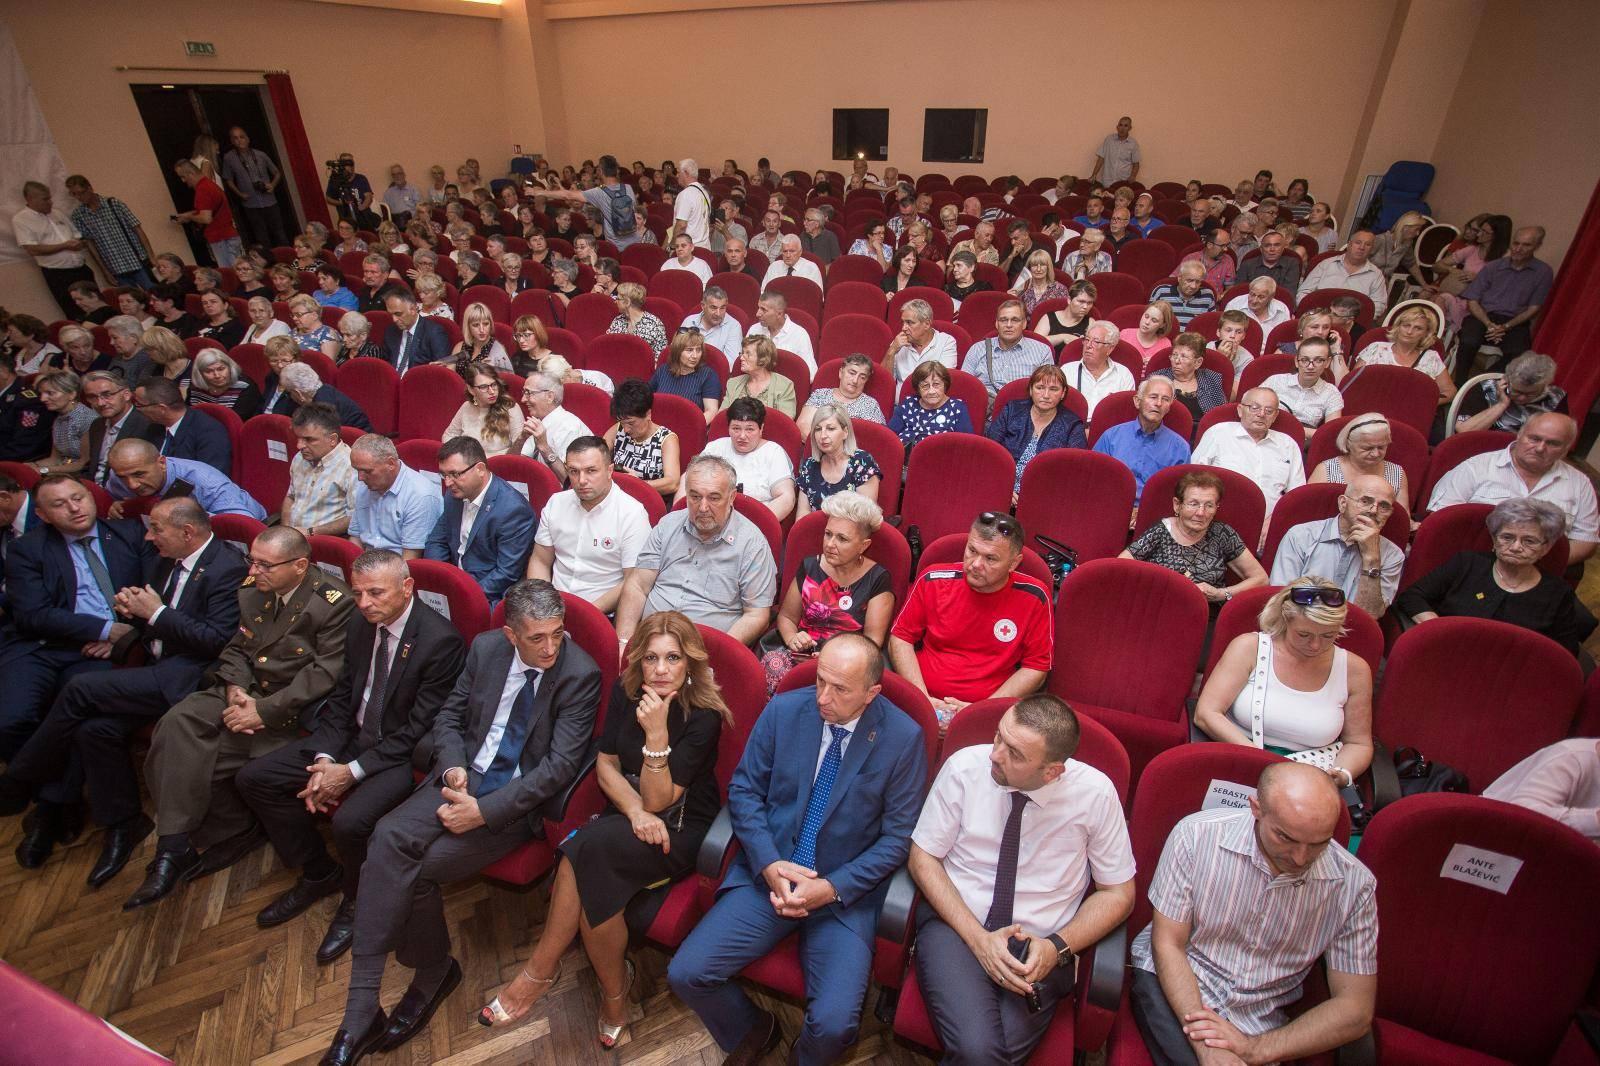 Obilježavanje Međunarodnog dana nestalih osoba u Vinkovcima